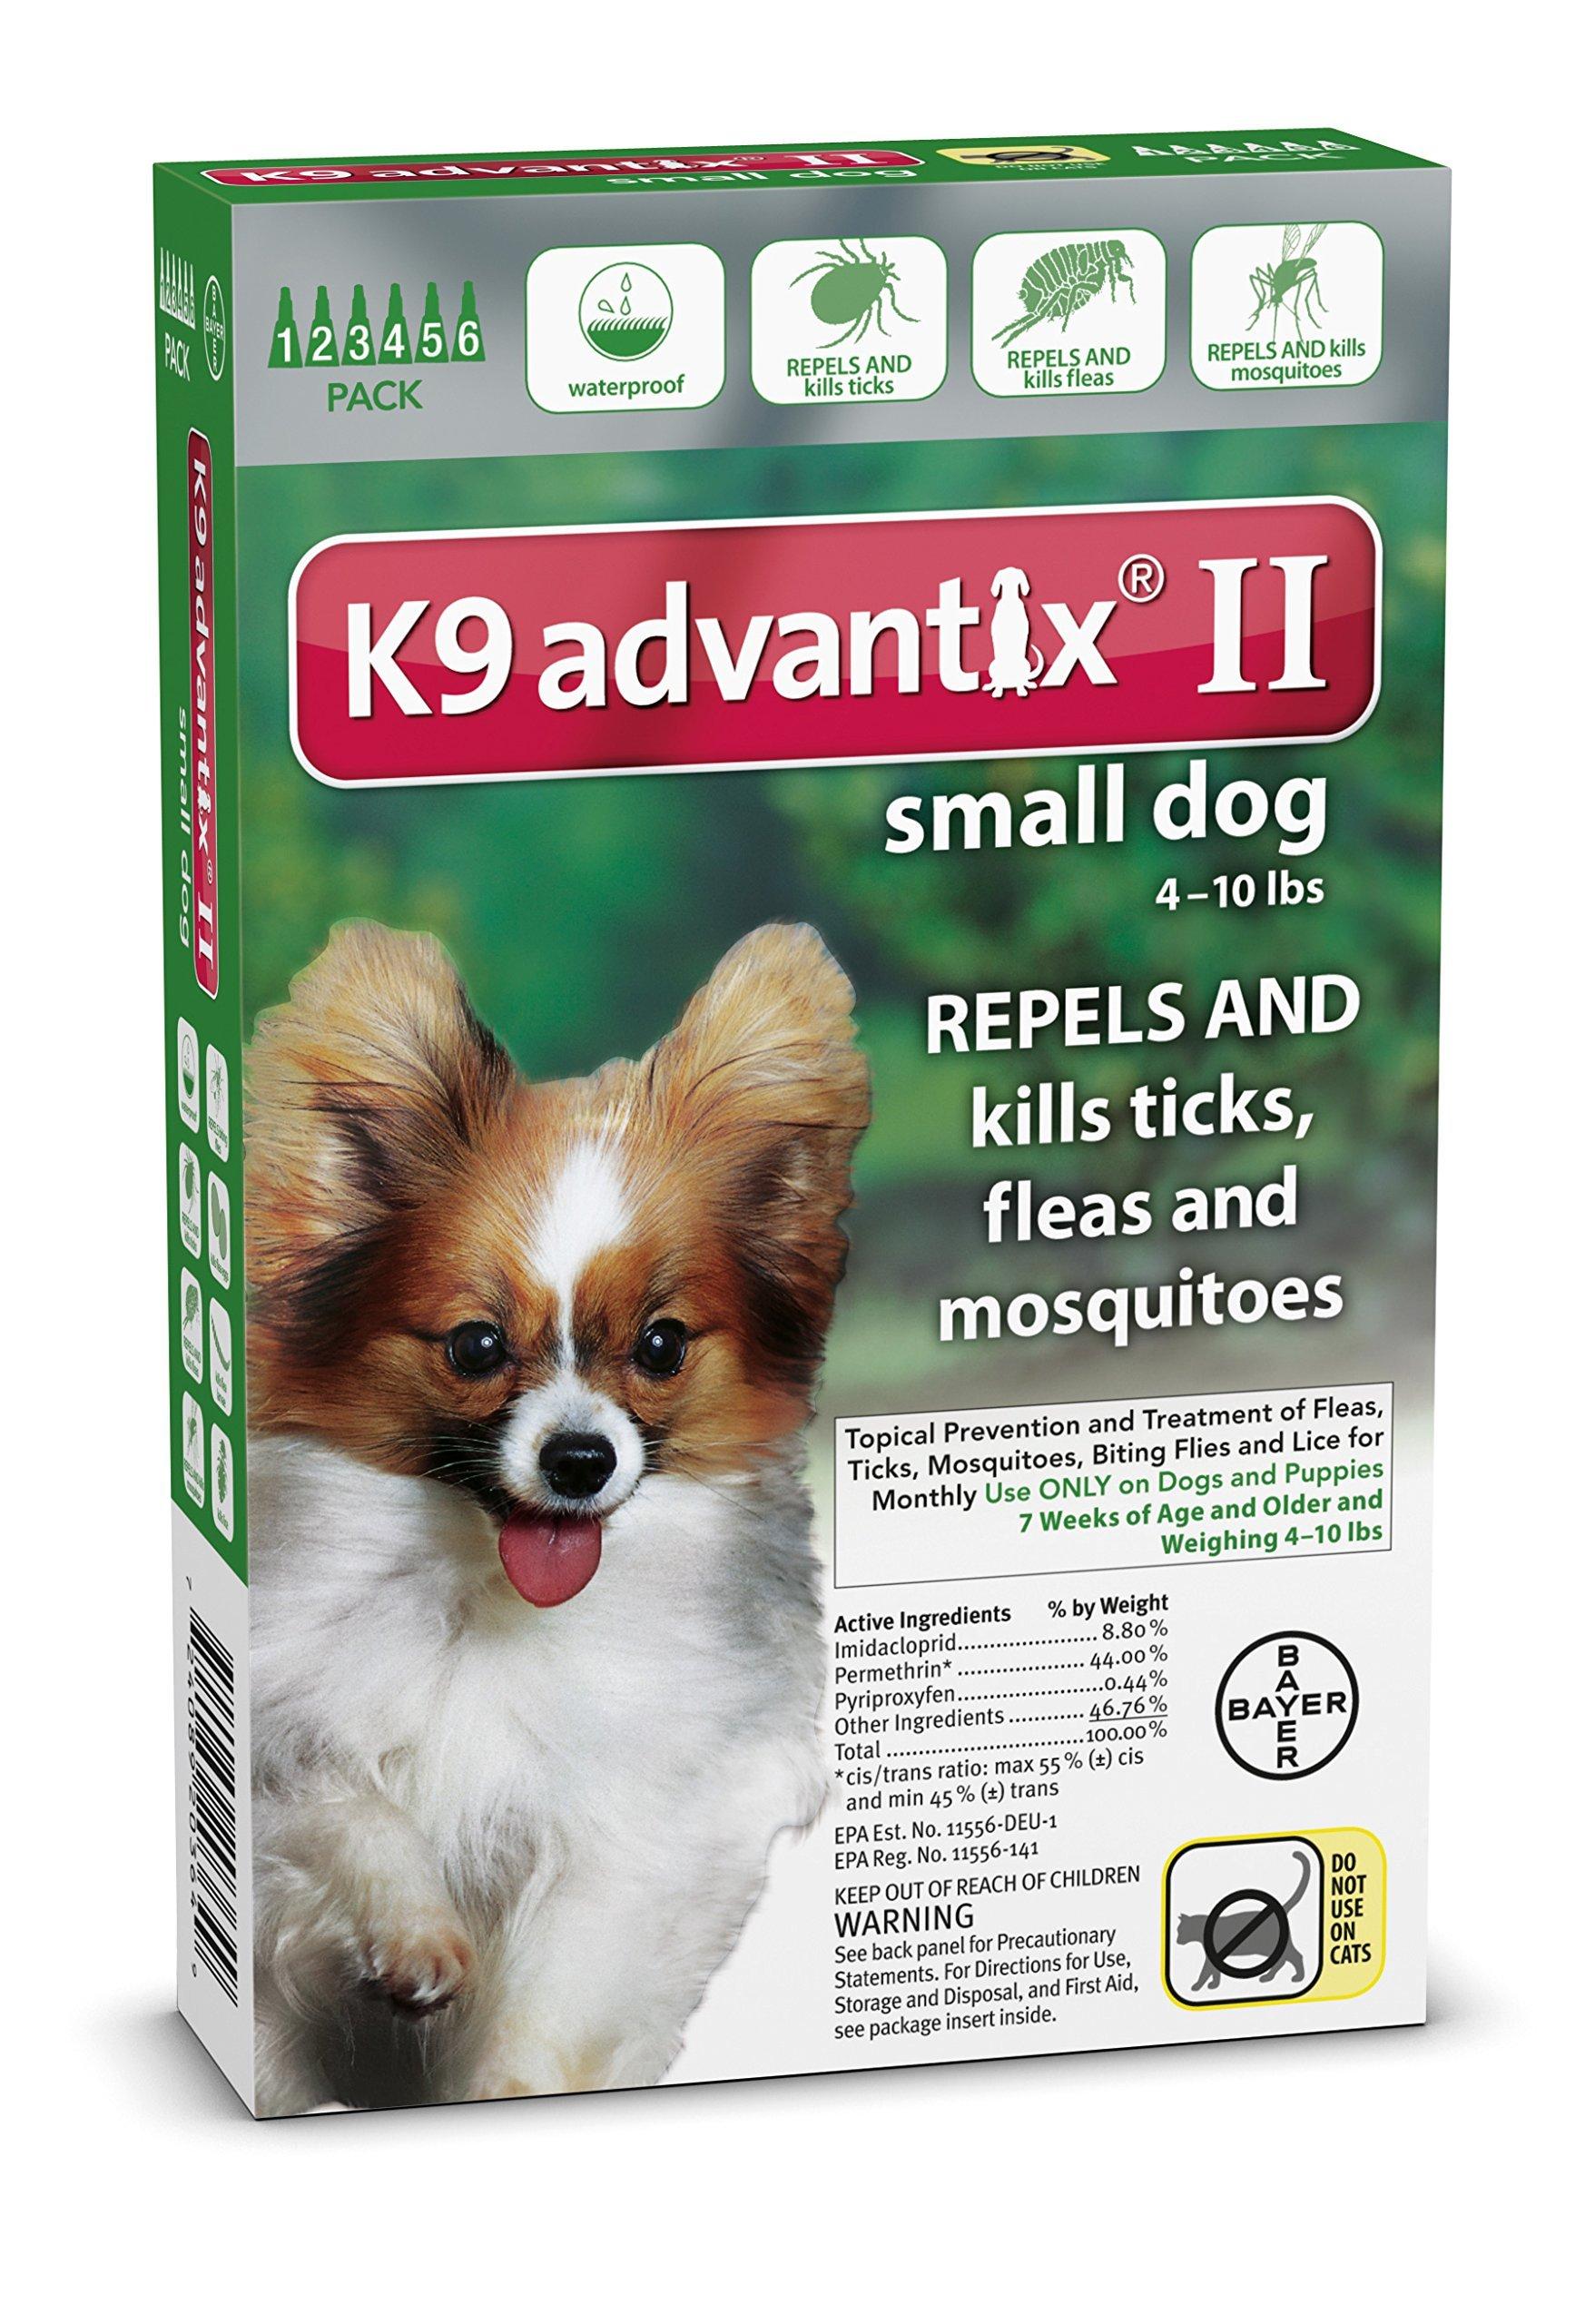 Bayer K9 Advantix Ii Flea Tick And Mosquito Prevention For Small